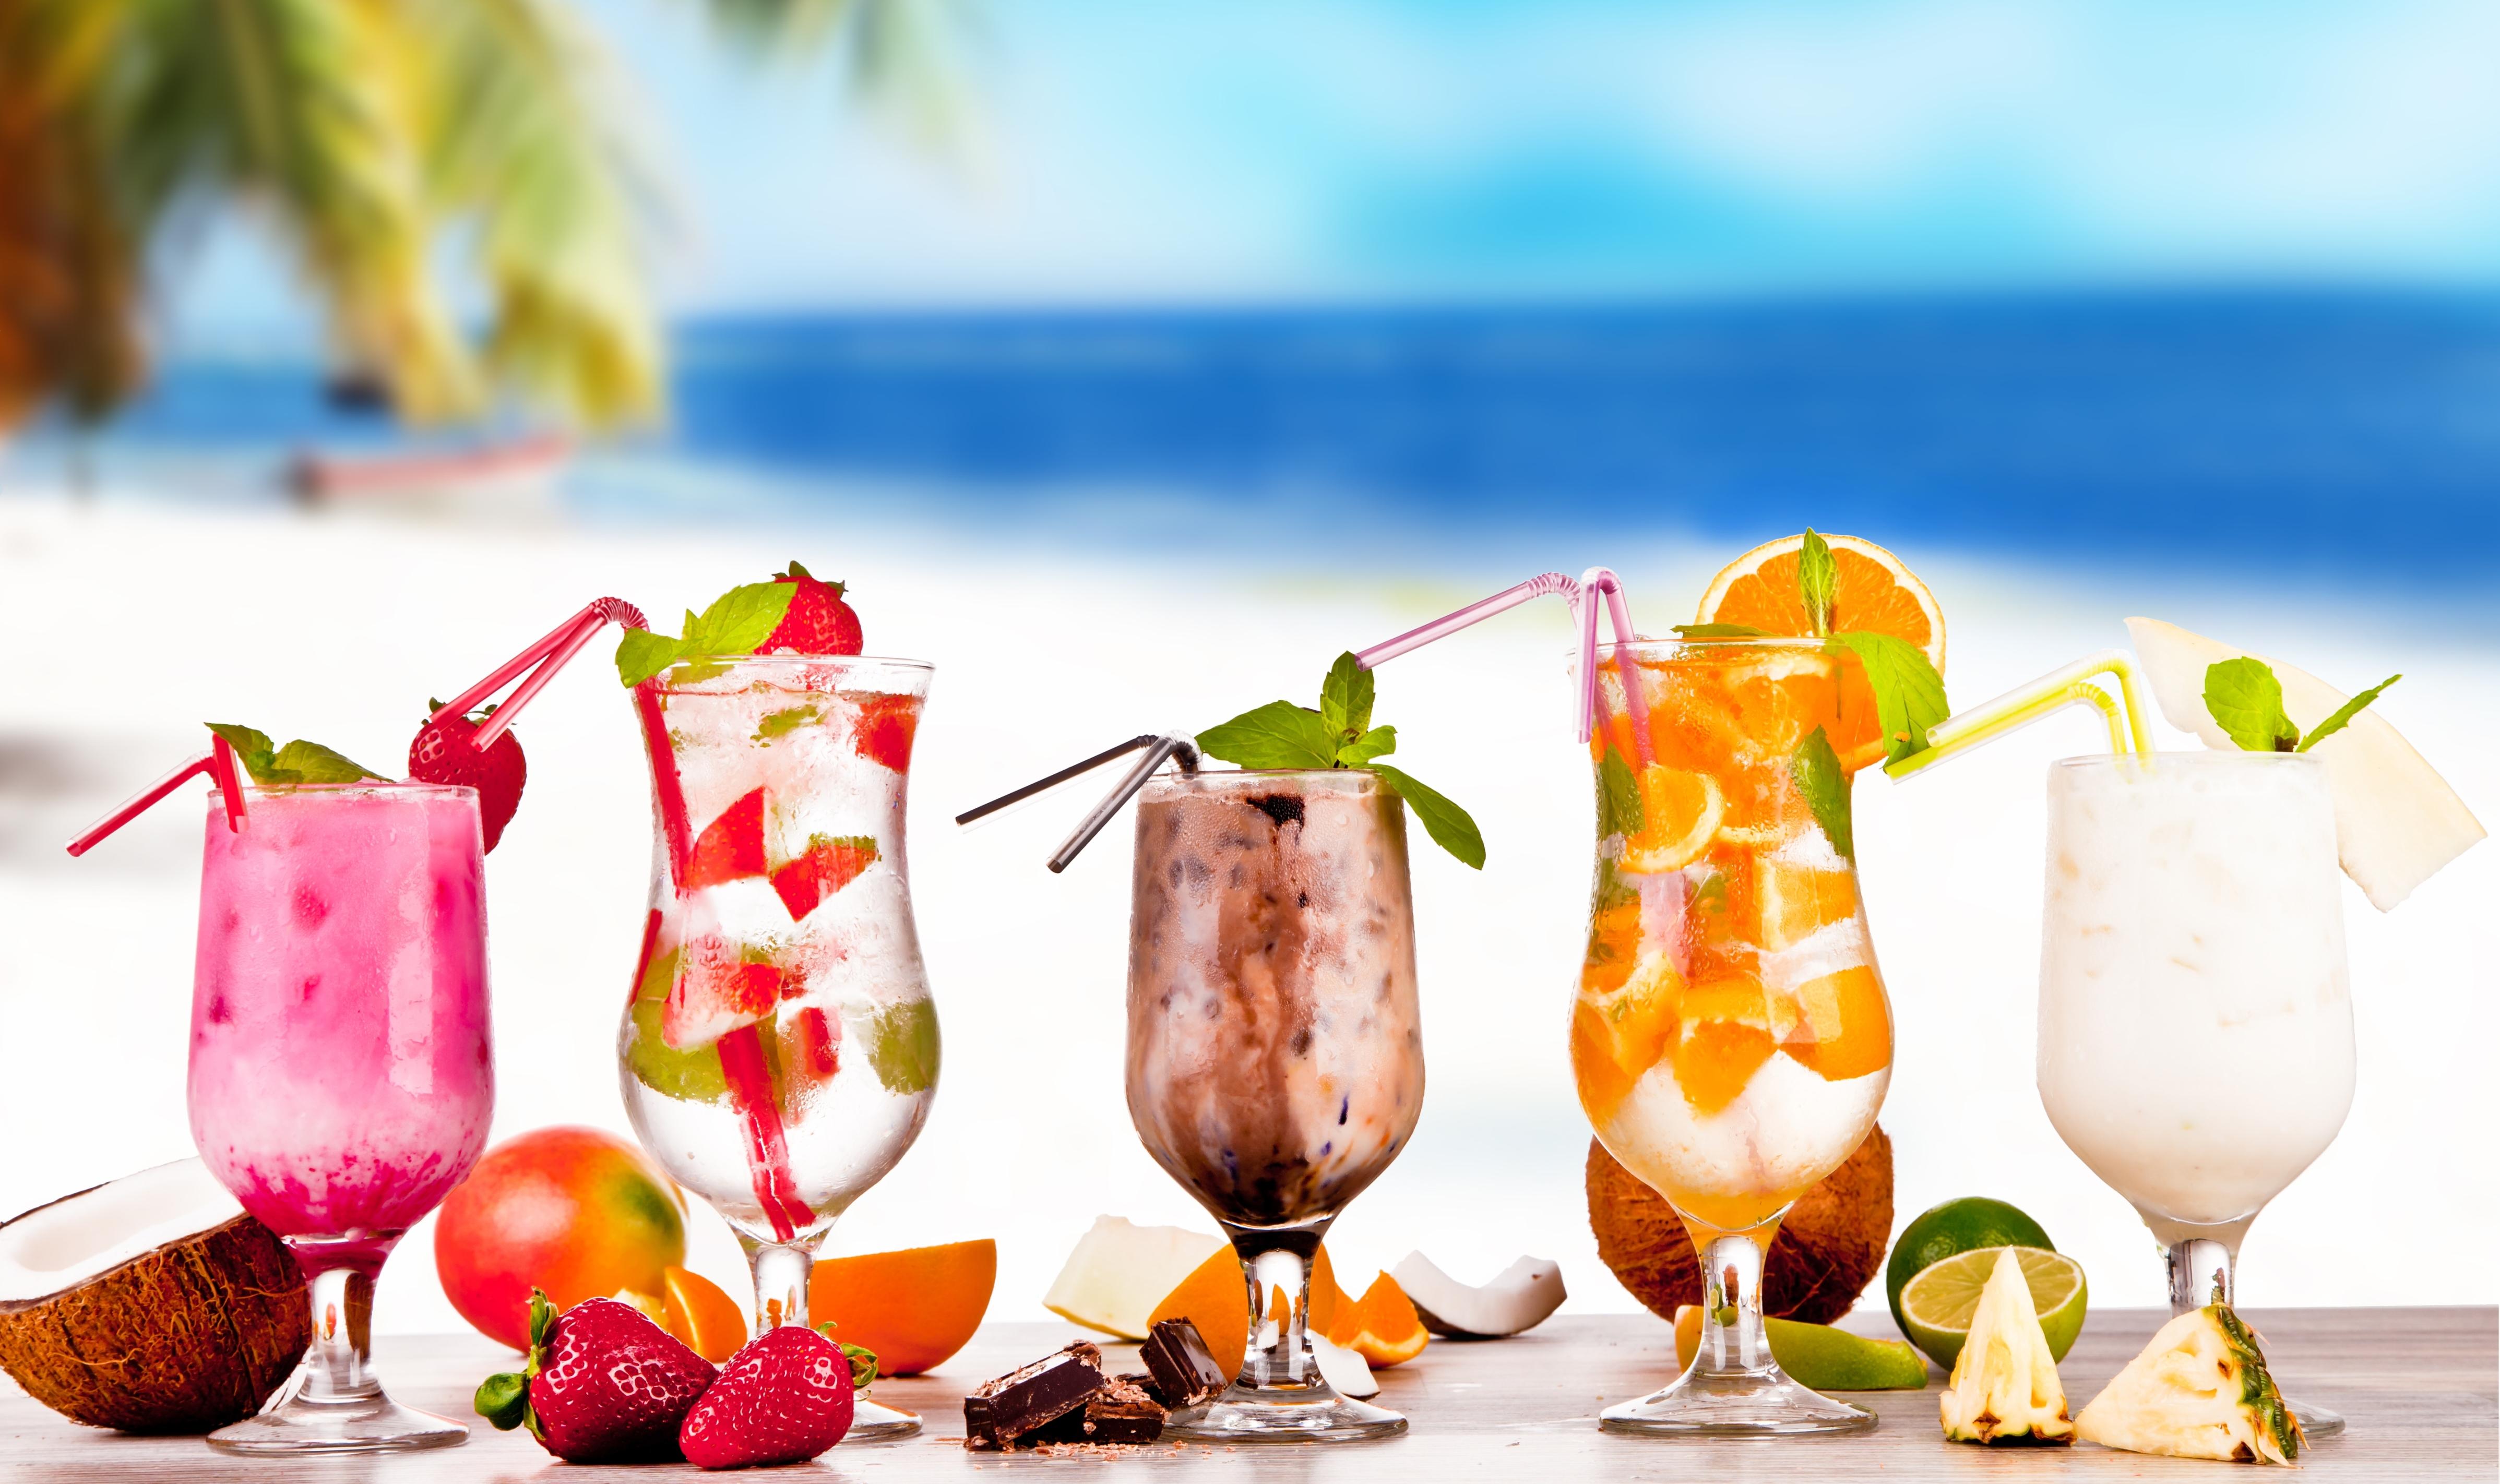 [41+] Summer Drinks Wallpaper On WallpaperSafari